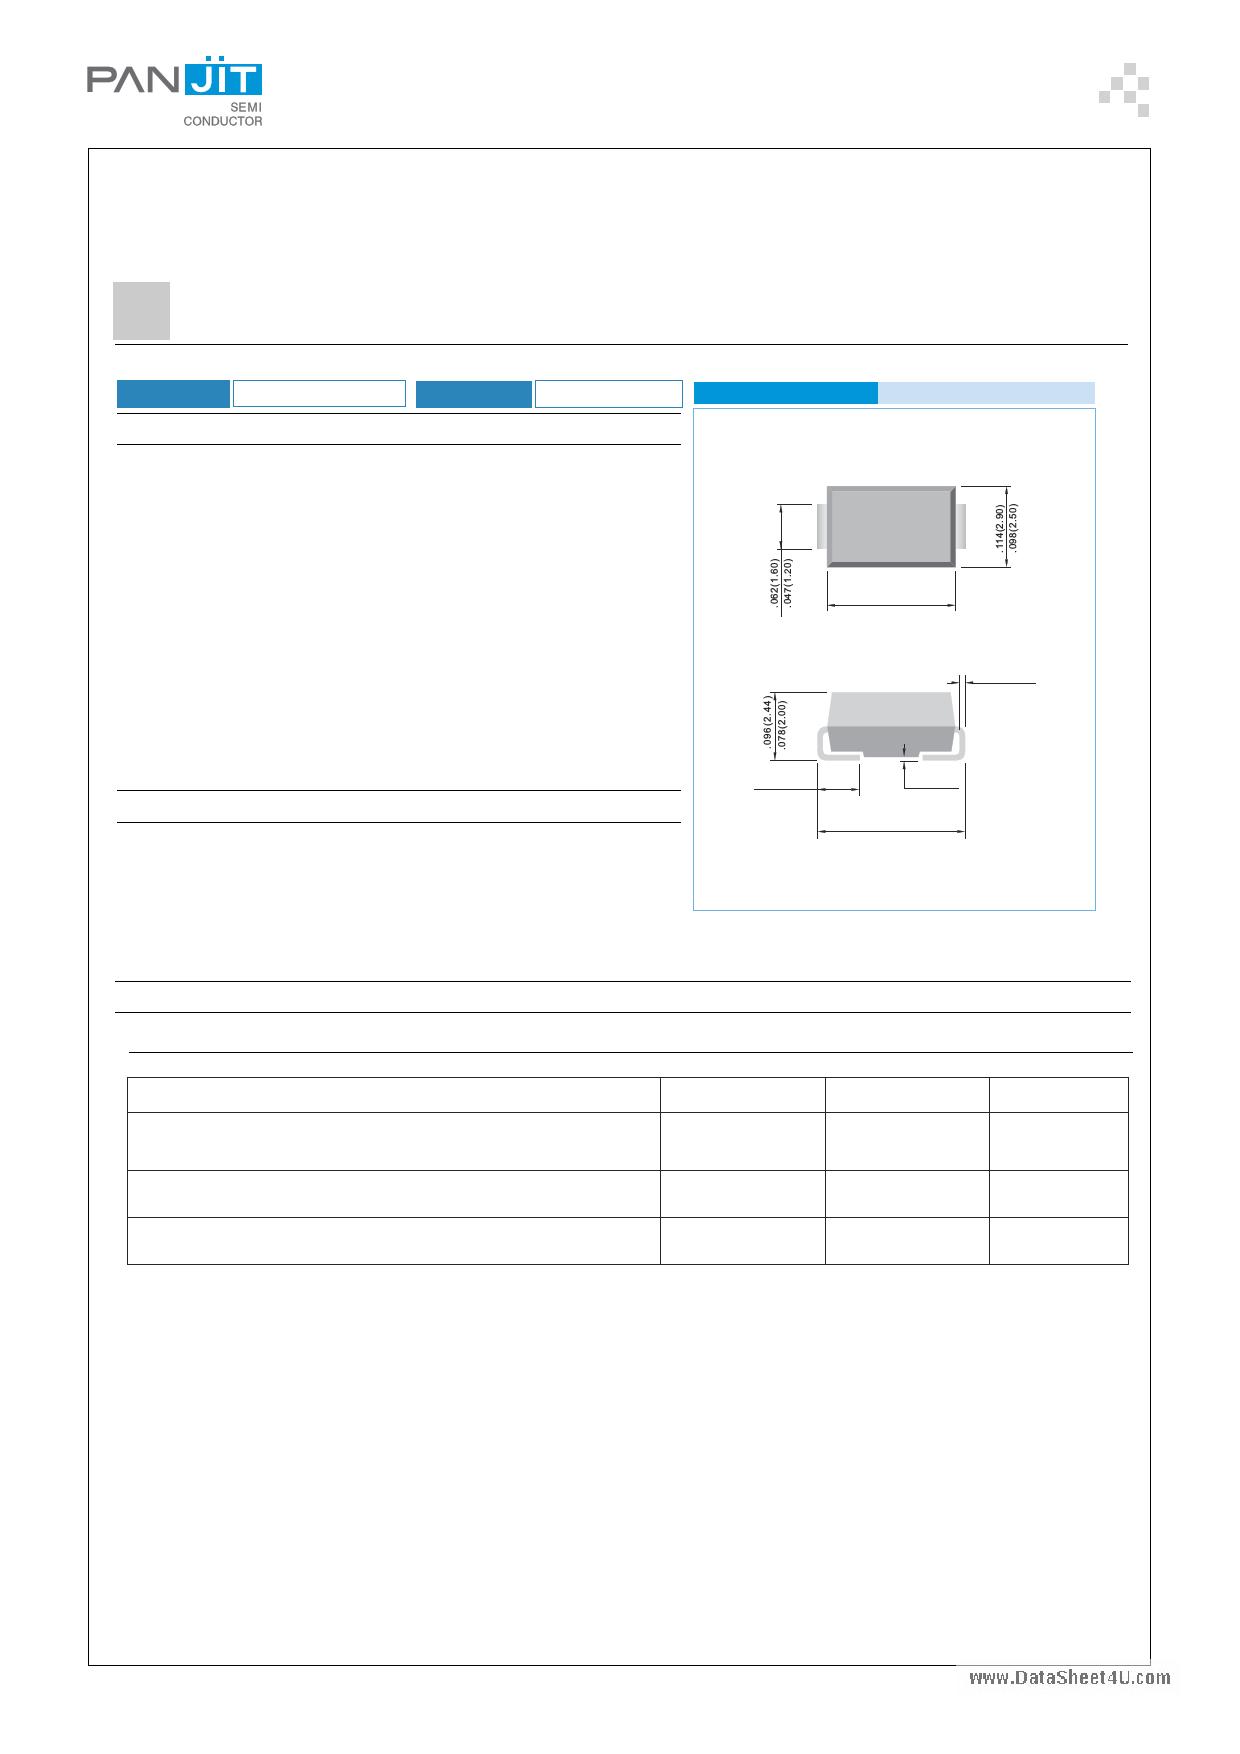 1SMA4753 datasheet